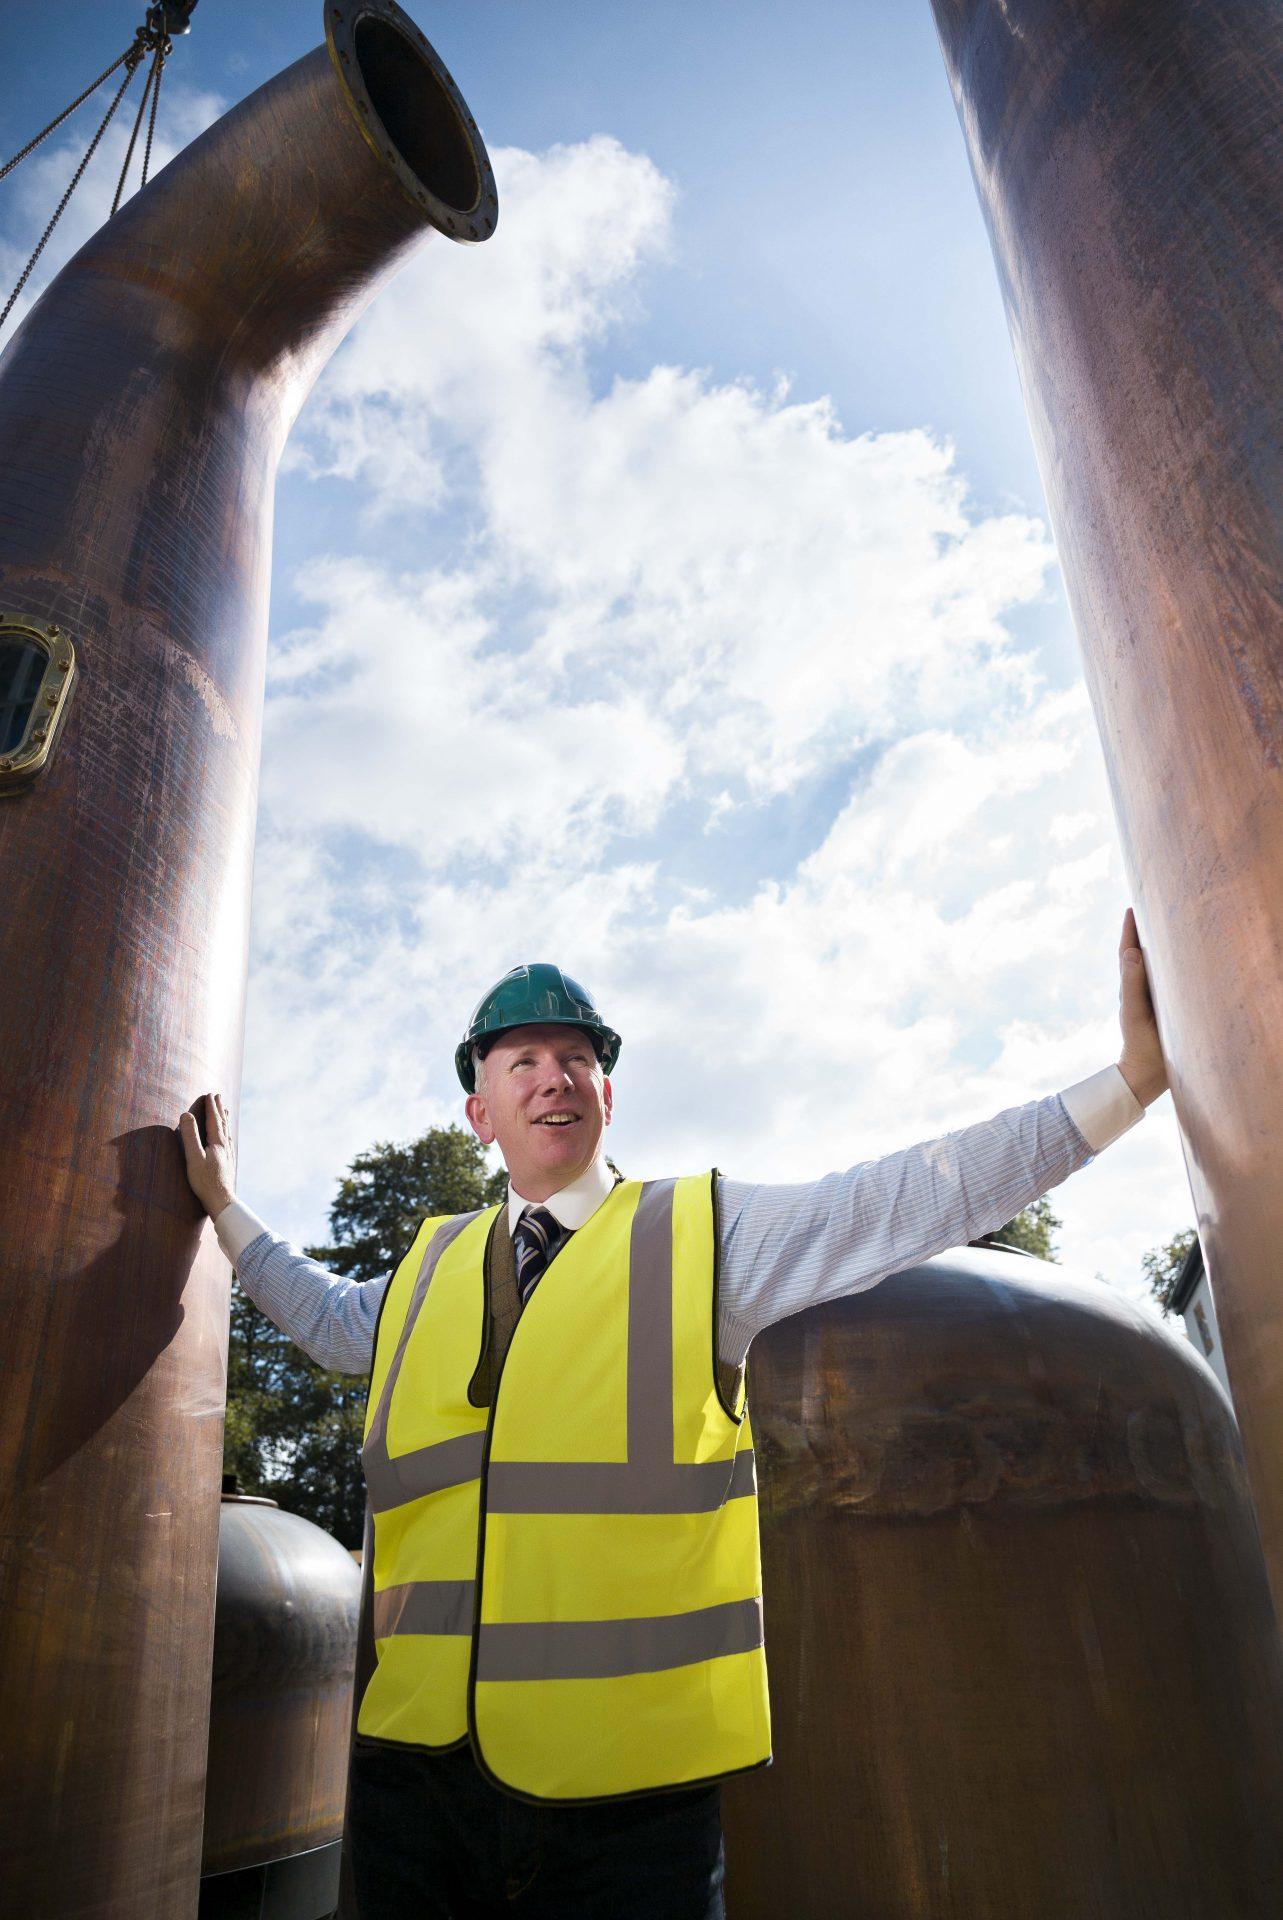 Bernard Walsh surveys the copper pots at Walsh Whiskey Distillery at Royal Oak in County Carlow.